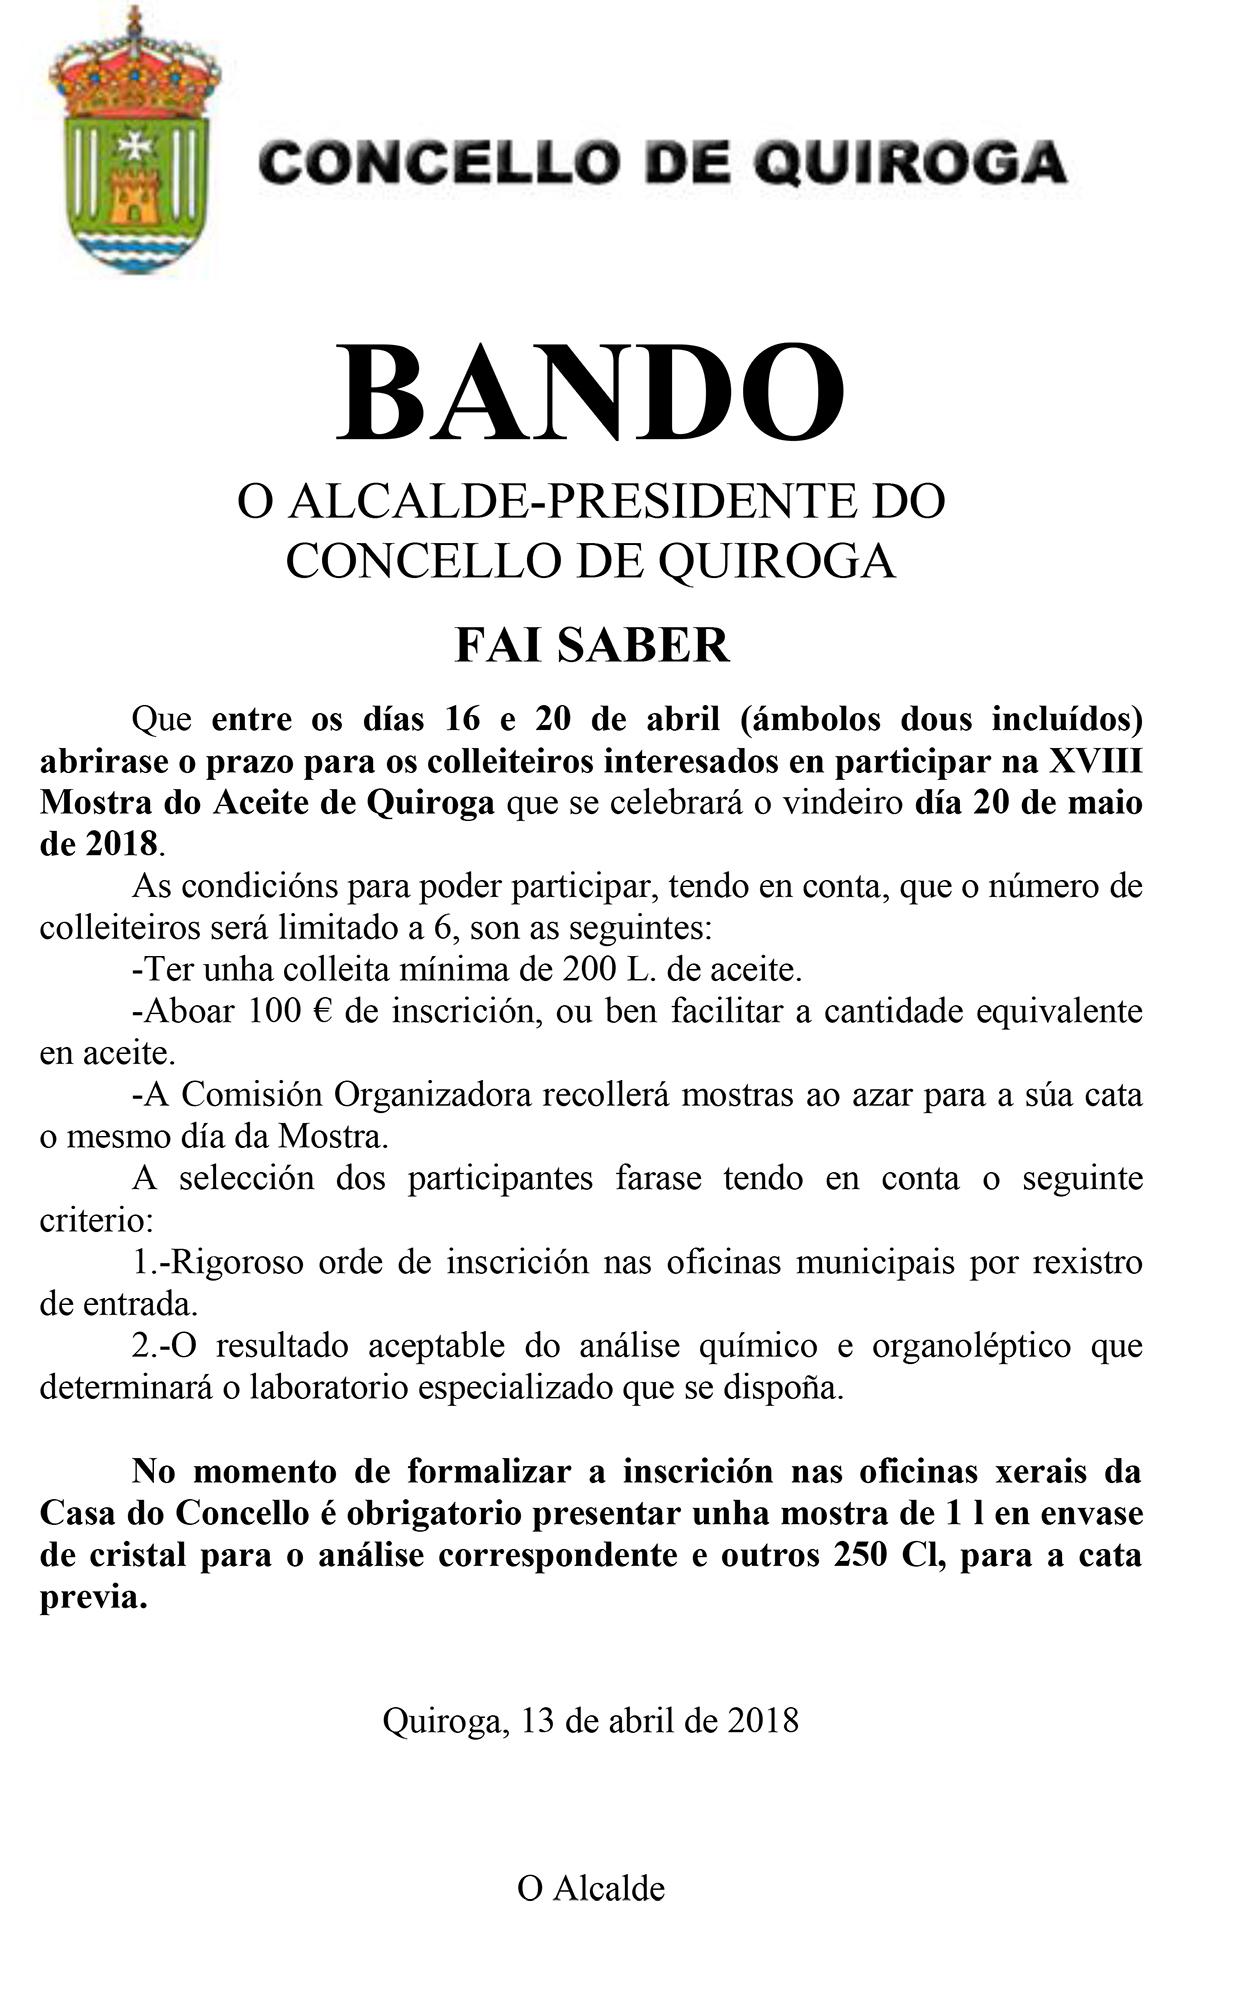 Bando de Inscripción na 18ª edición da Mostra de Aceite de Quiroga